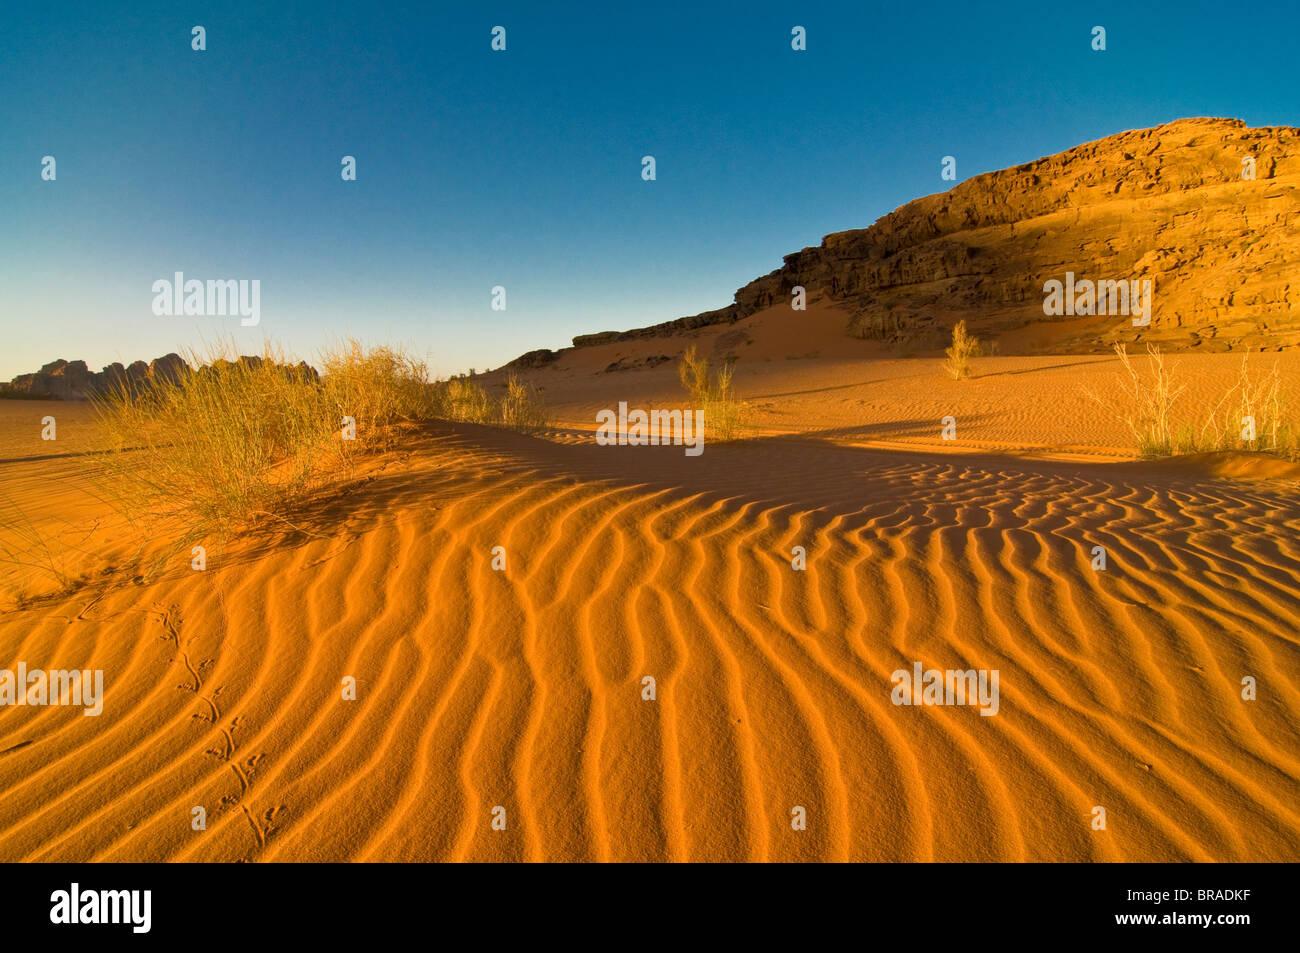 Die atemberaubende Wüstenlandschaft von Wadi Rum, Jordanien, Naher Osten Stockbild